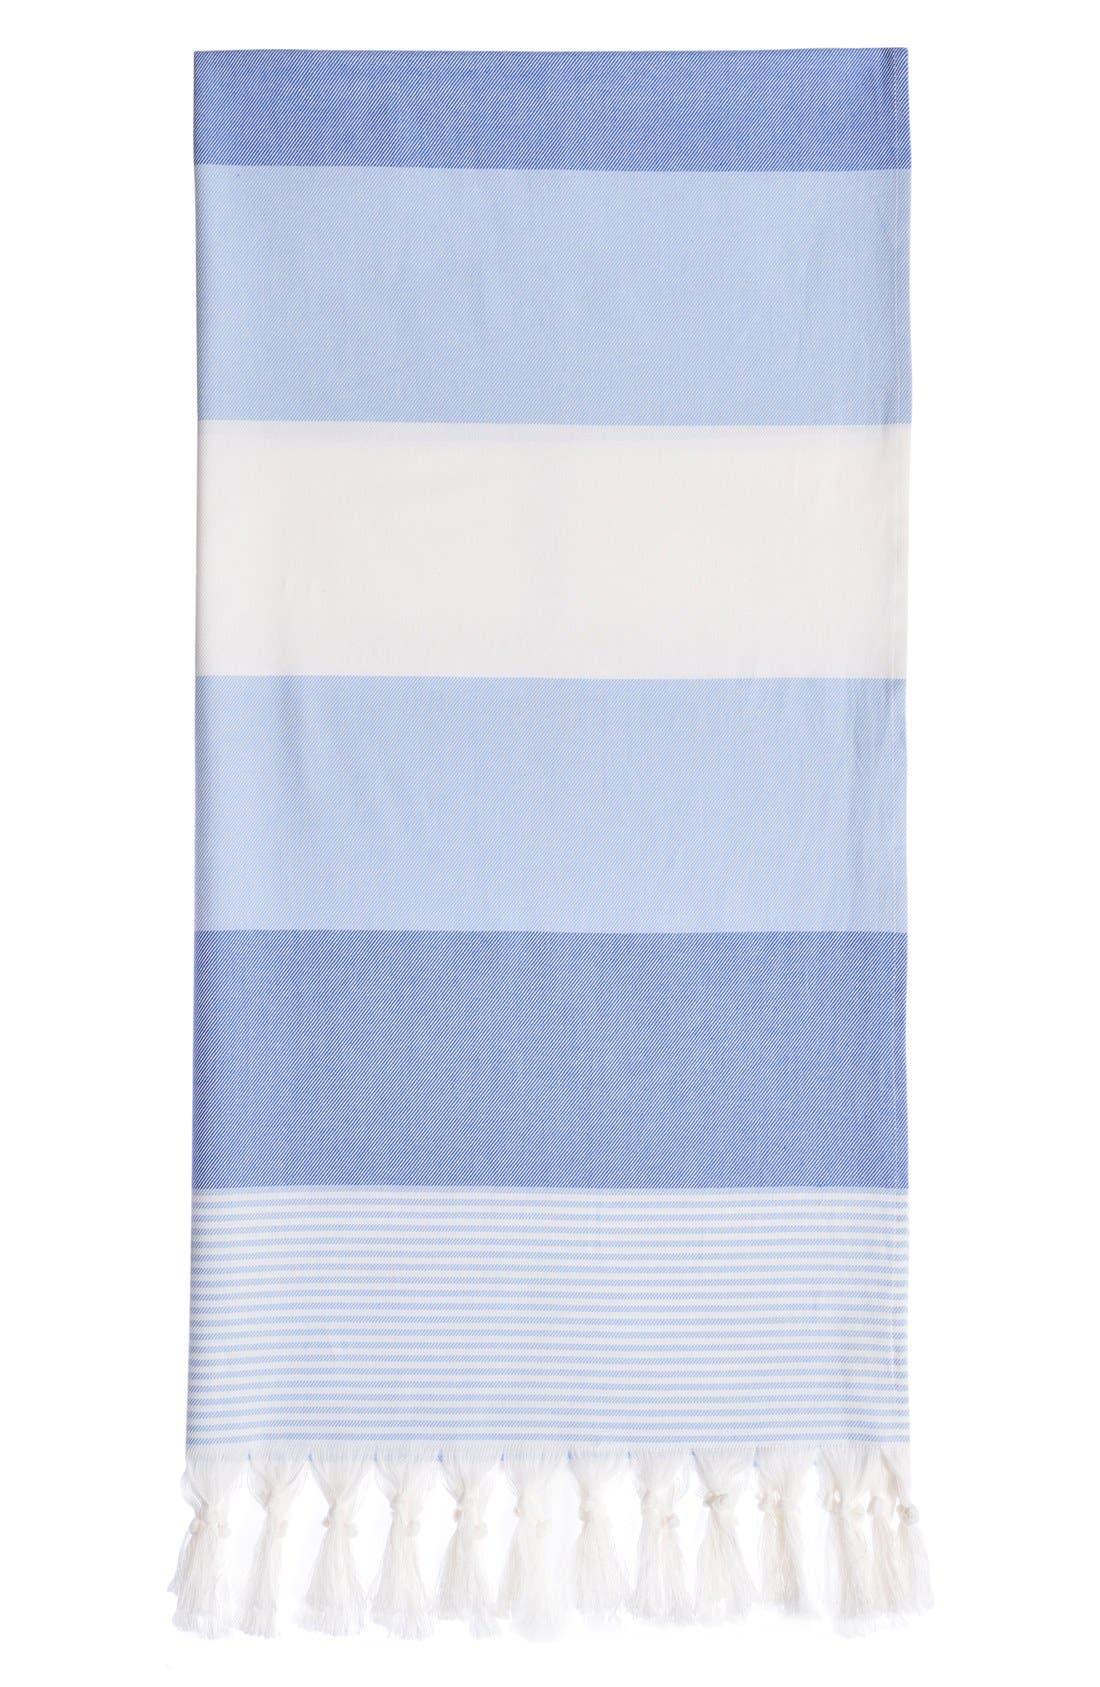 Linum Home Textiles 'Sea Waves' Turkish Pestemal Towel